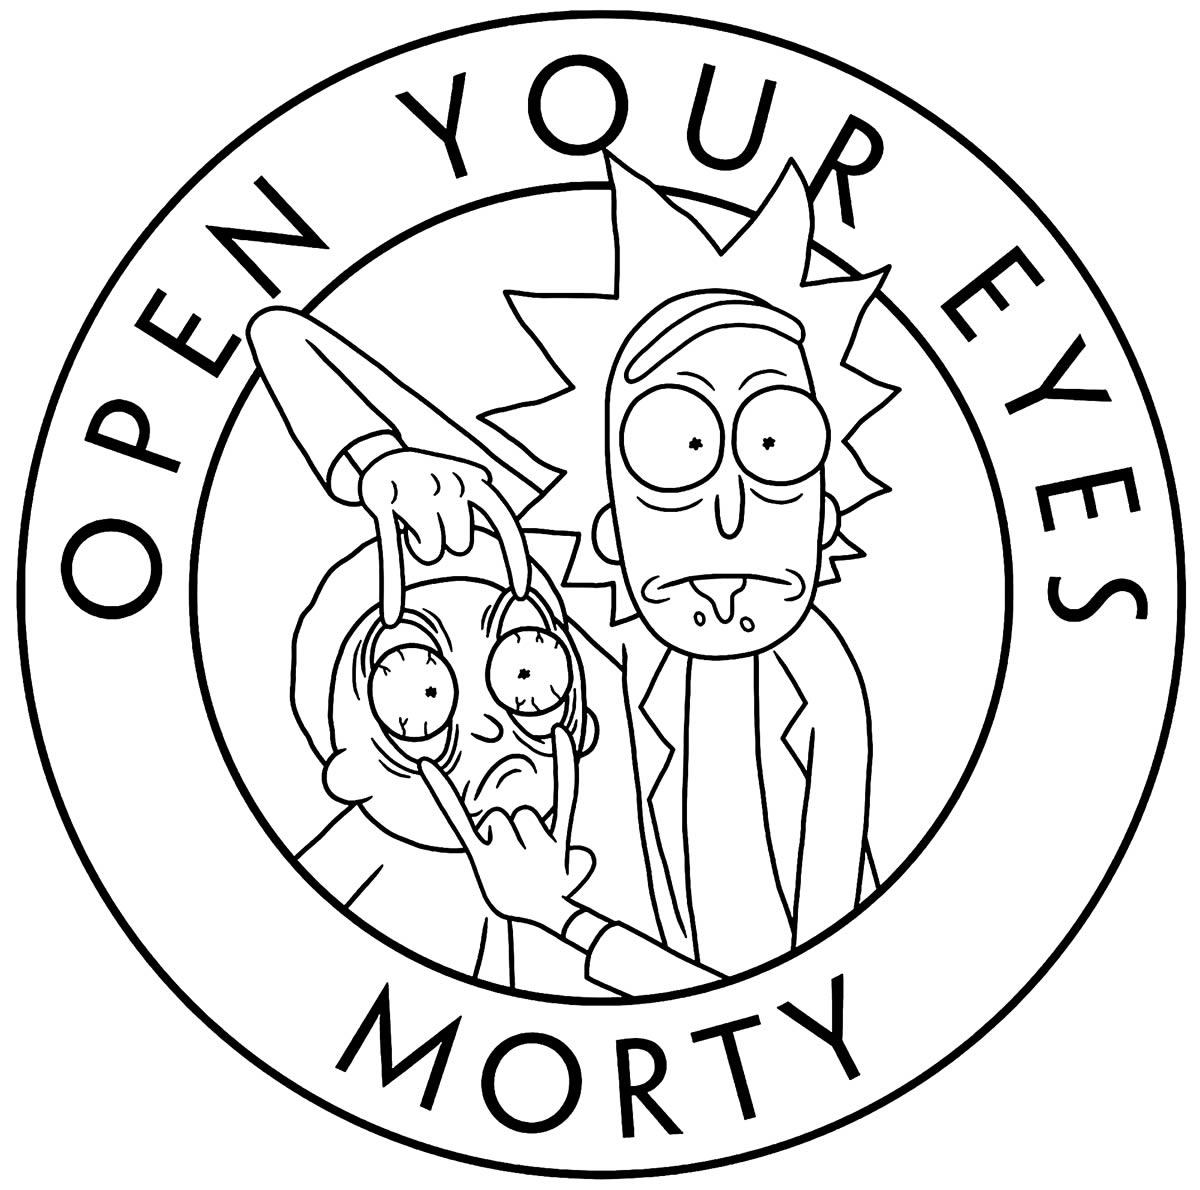 Imagem de Rick e Morty para colorir